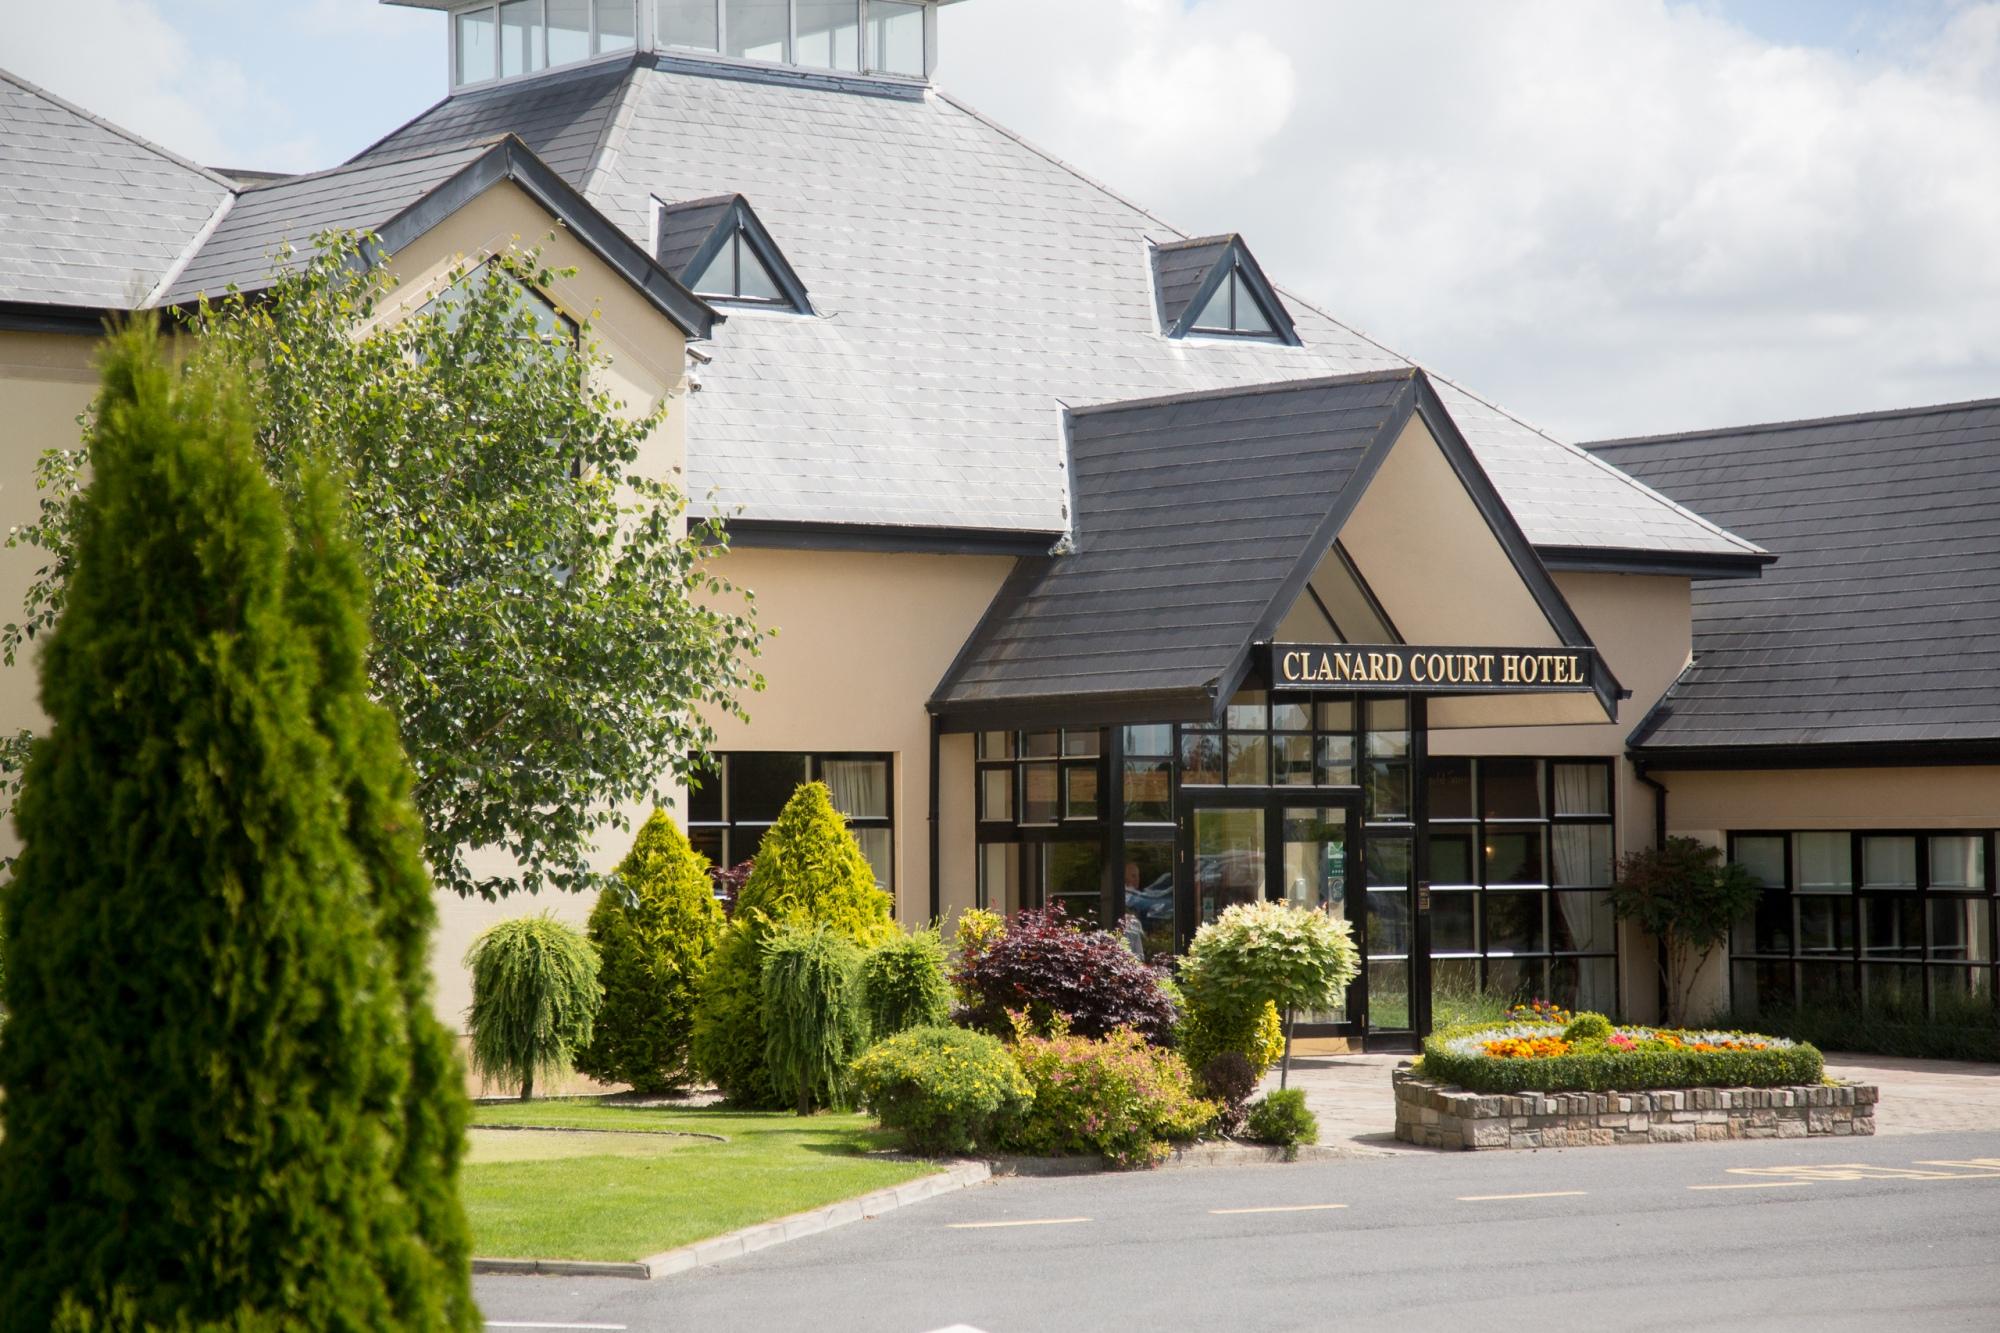 Clanard Court | Award-winning 4 star Luxury Hotel in rural